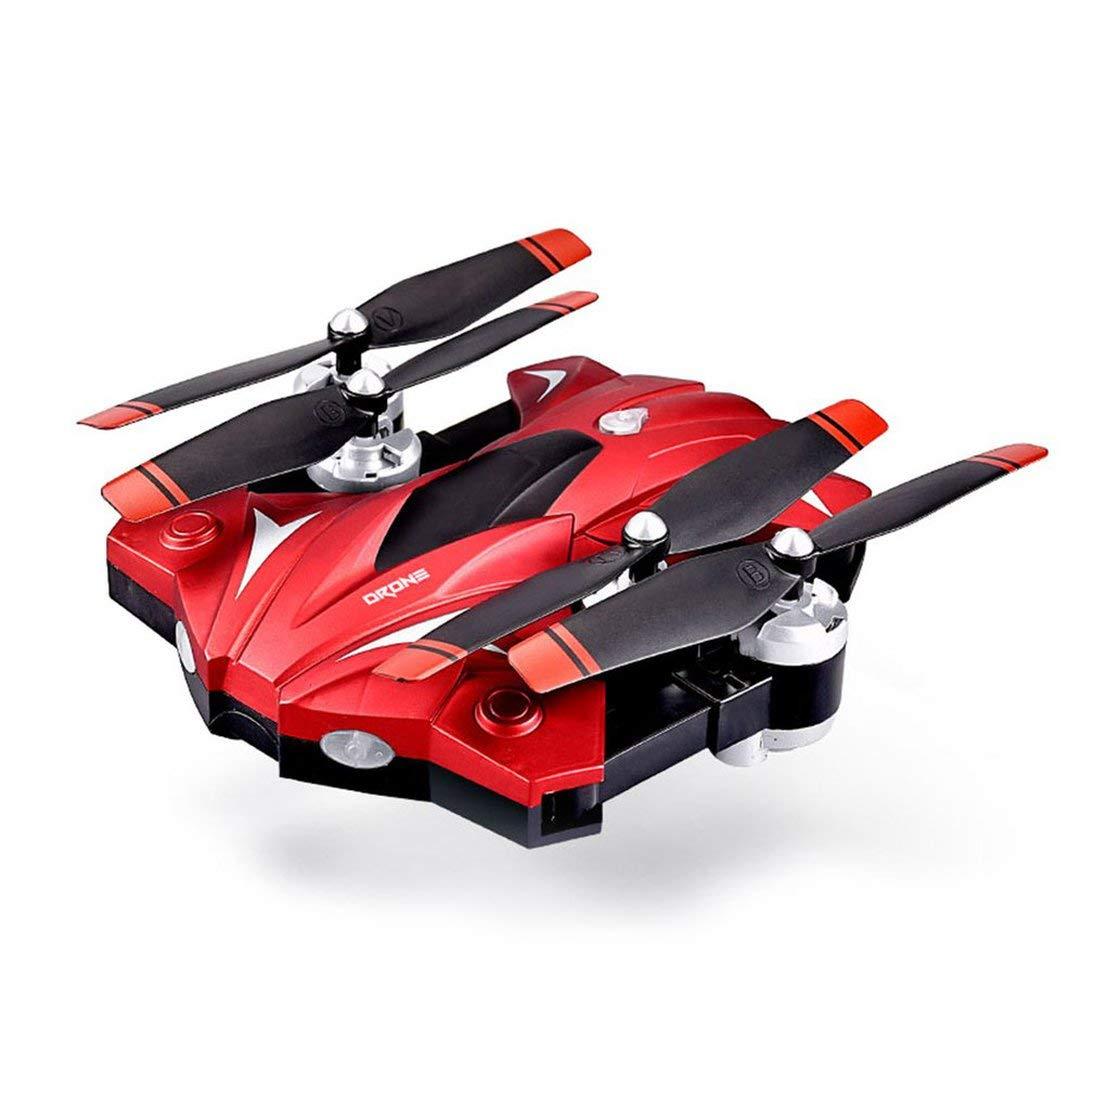 Drone Quadcopter Drone a Controllo remoto da 4 Assi a 6 canali ToGames-IT